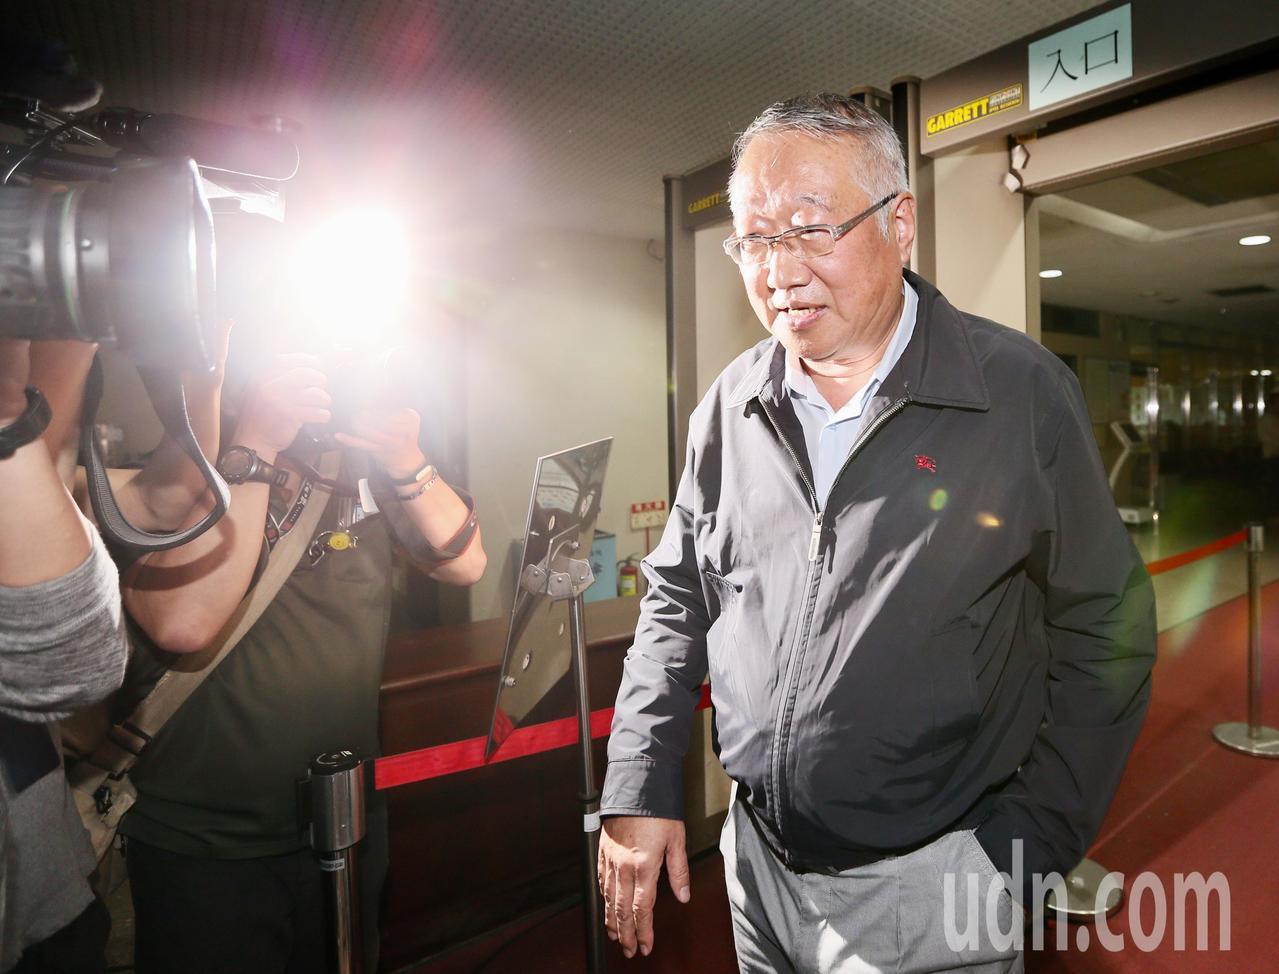 台北地檢署偵辦三中案傳喚中影董事長郭台強出庭,訊後請回。記者陳柏亨/攝影